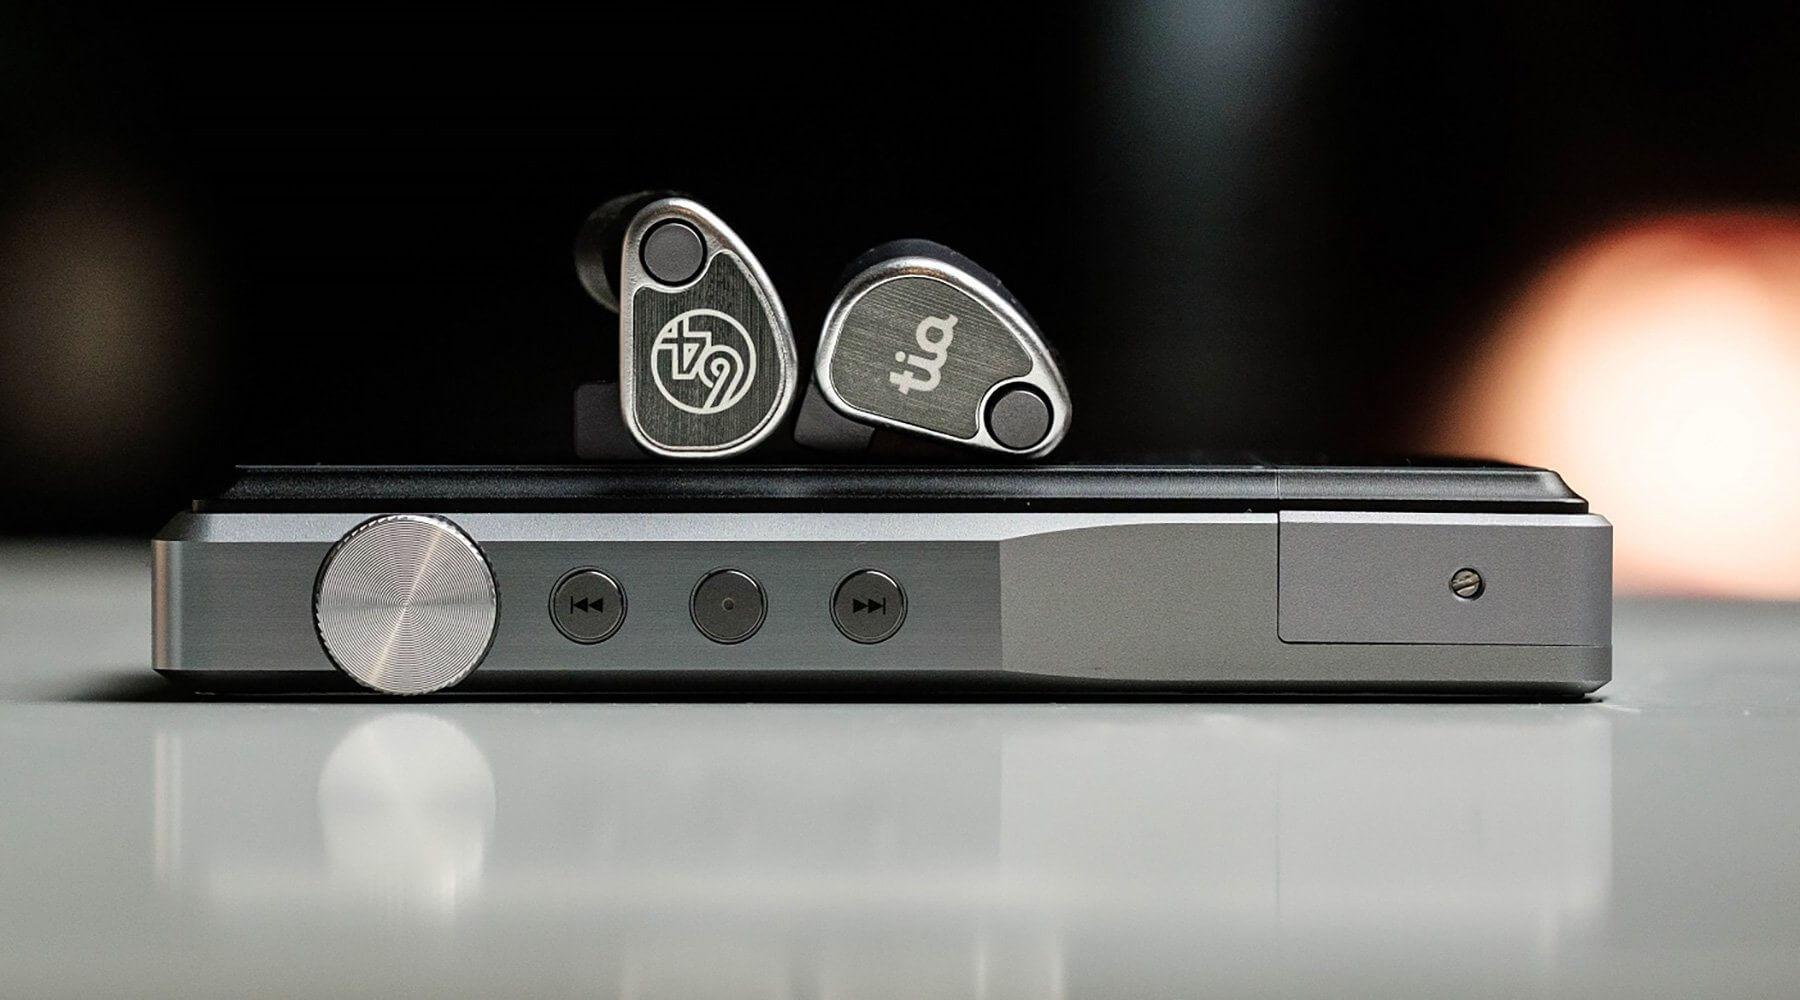 64 Audio - U12t - Universal IEM Review